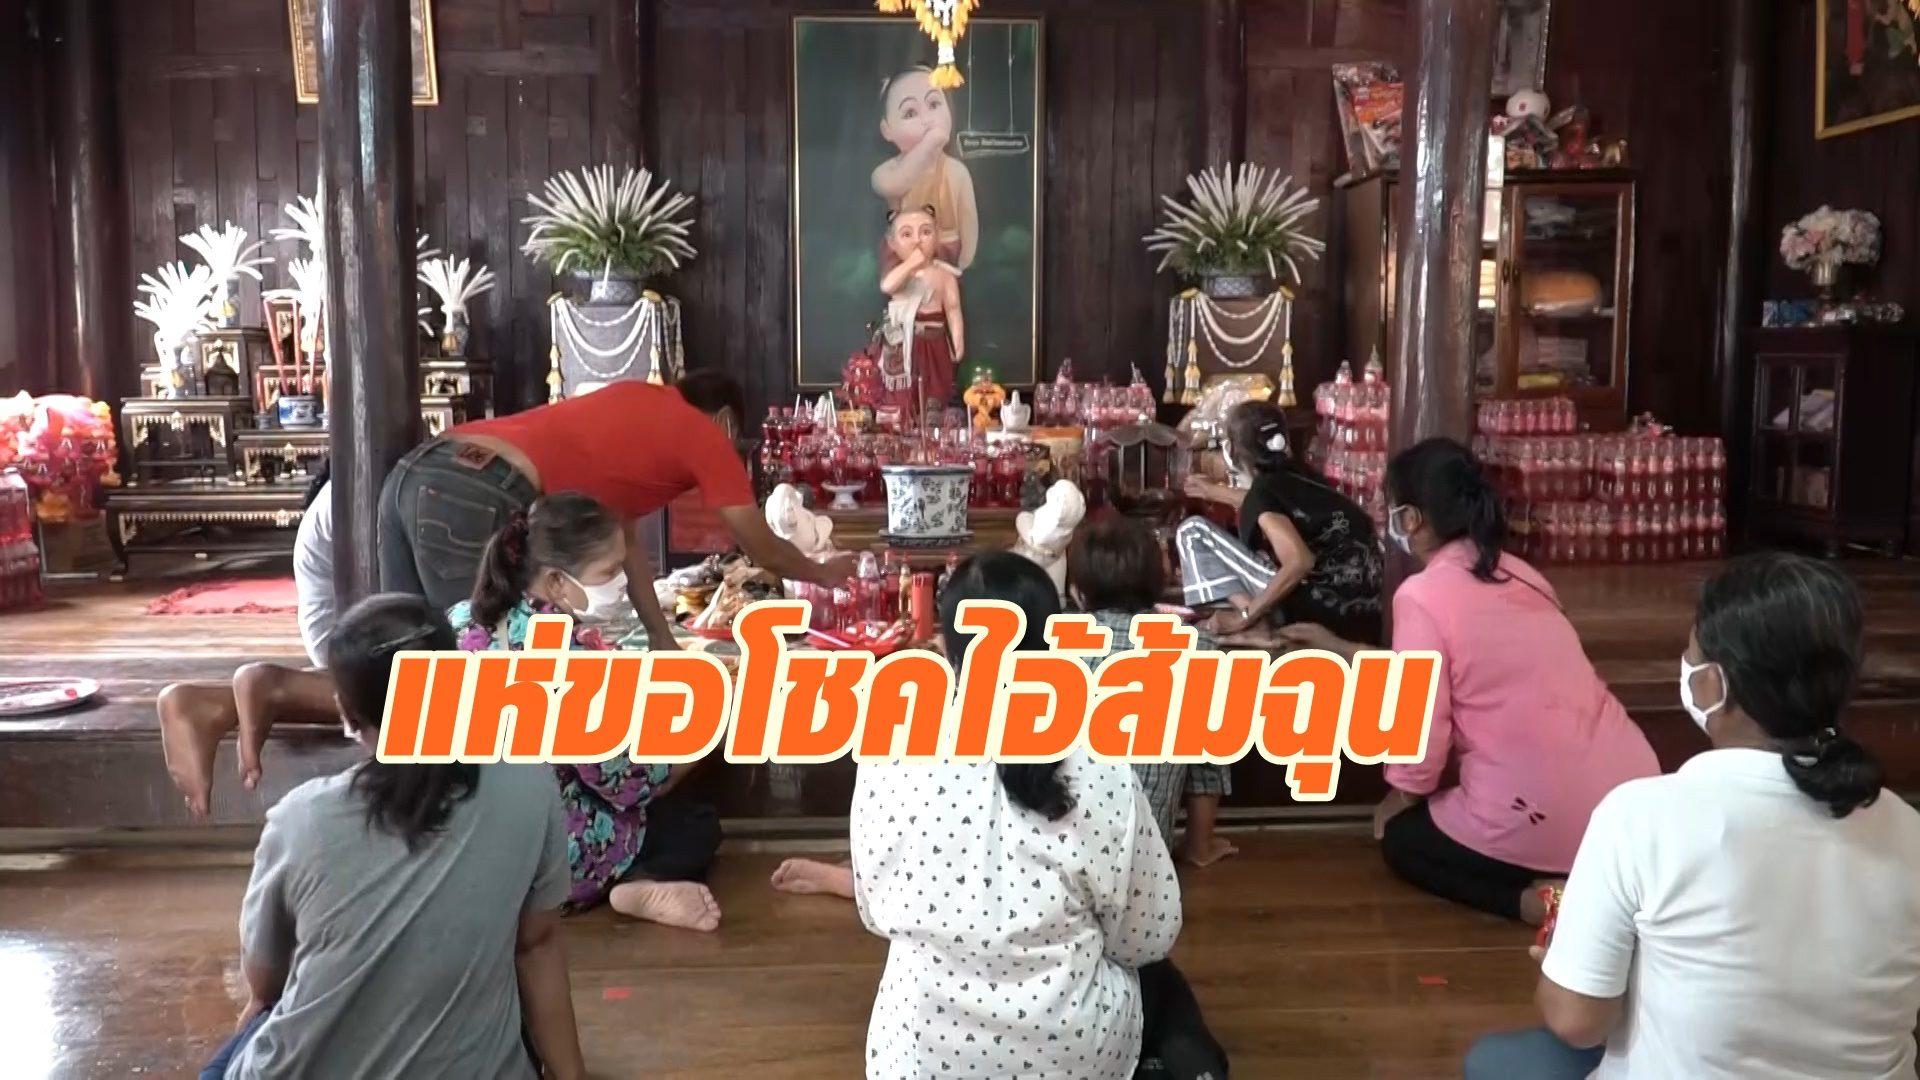 แห่ขอโชค 'ไอ้ส้มฉุน' หลังมีคอหวยดวงเฮงติดกันกว่า 10 - s;p tookhuay.com - ถูกหวย ทุกหวย รวยไปกับเรา หวยออนไลน์